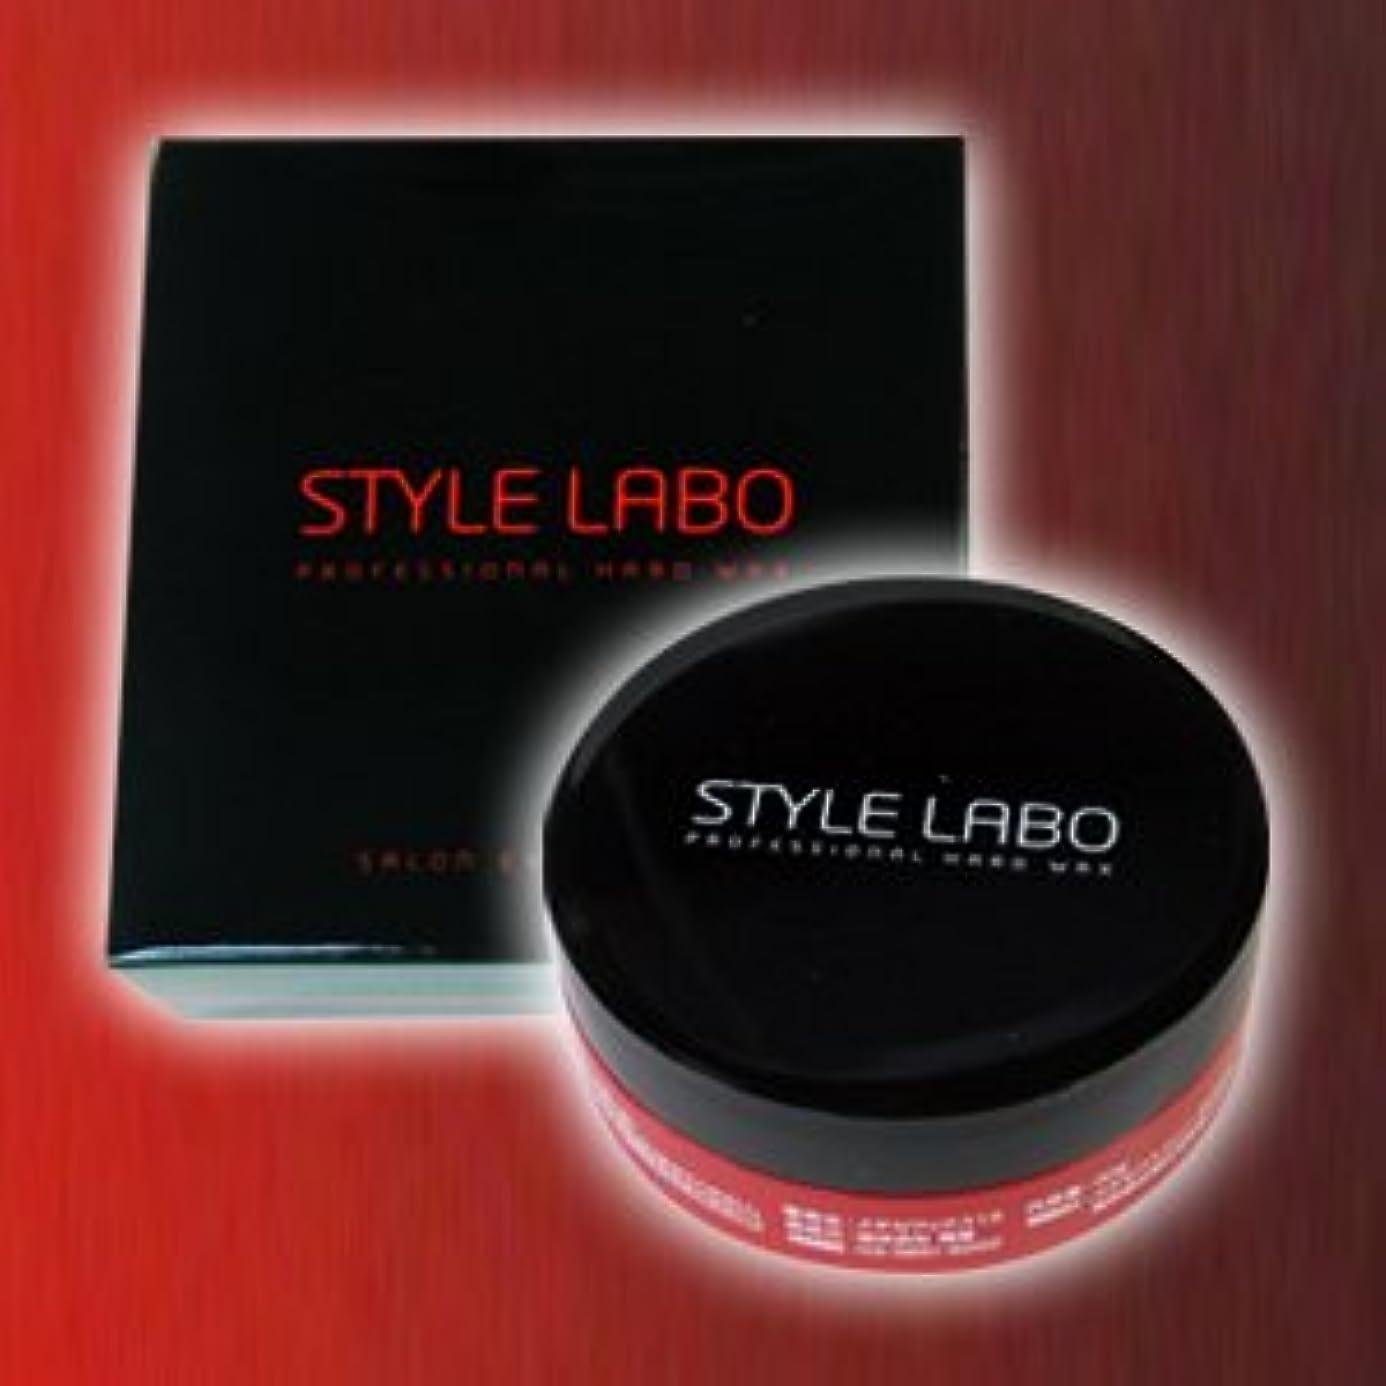 聴覚障害者順応性のある虫を数えるSTYLE LABO スタイルラボ ハードワックス 30g <化粧箱付>